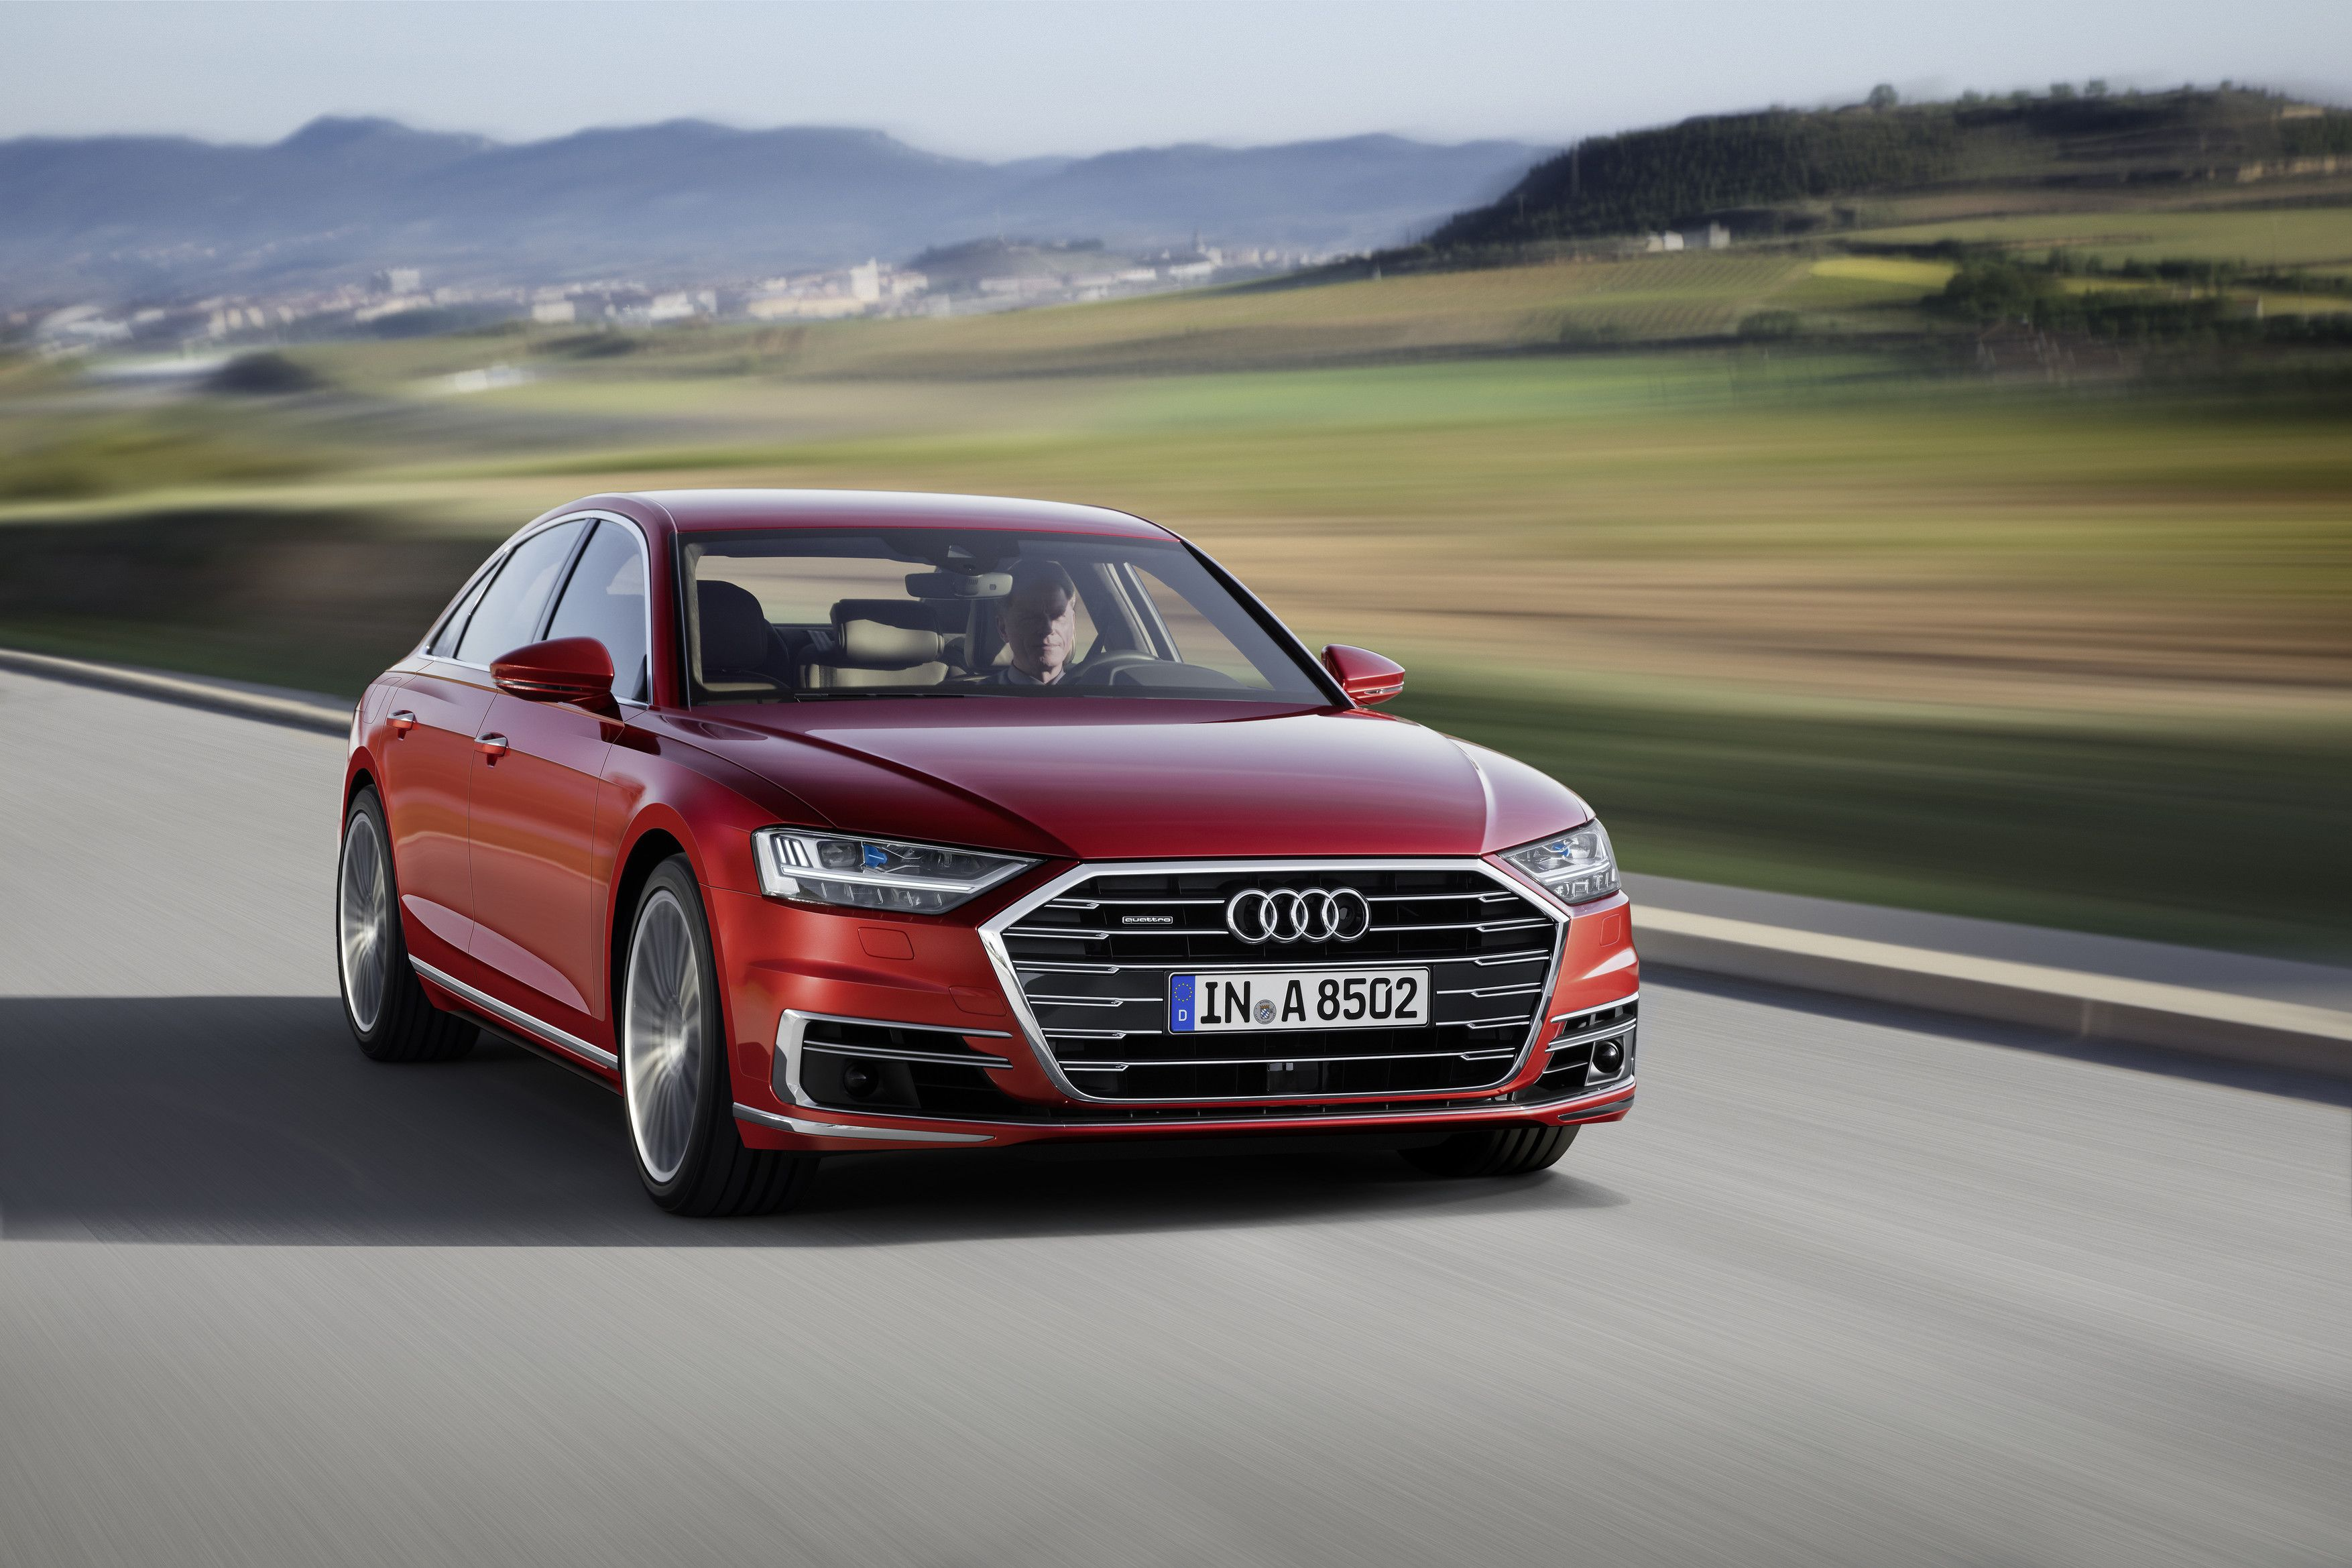 Neu Audi A8 2018 D5 Schmaler Langer Schneller Alles